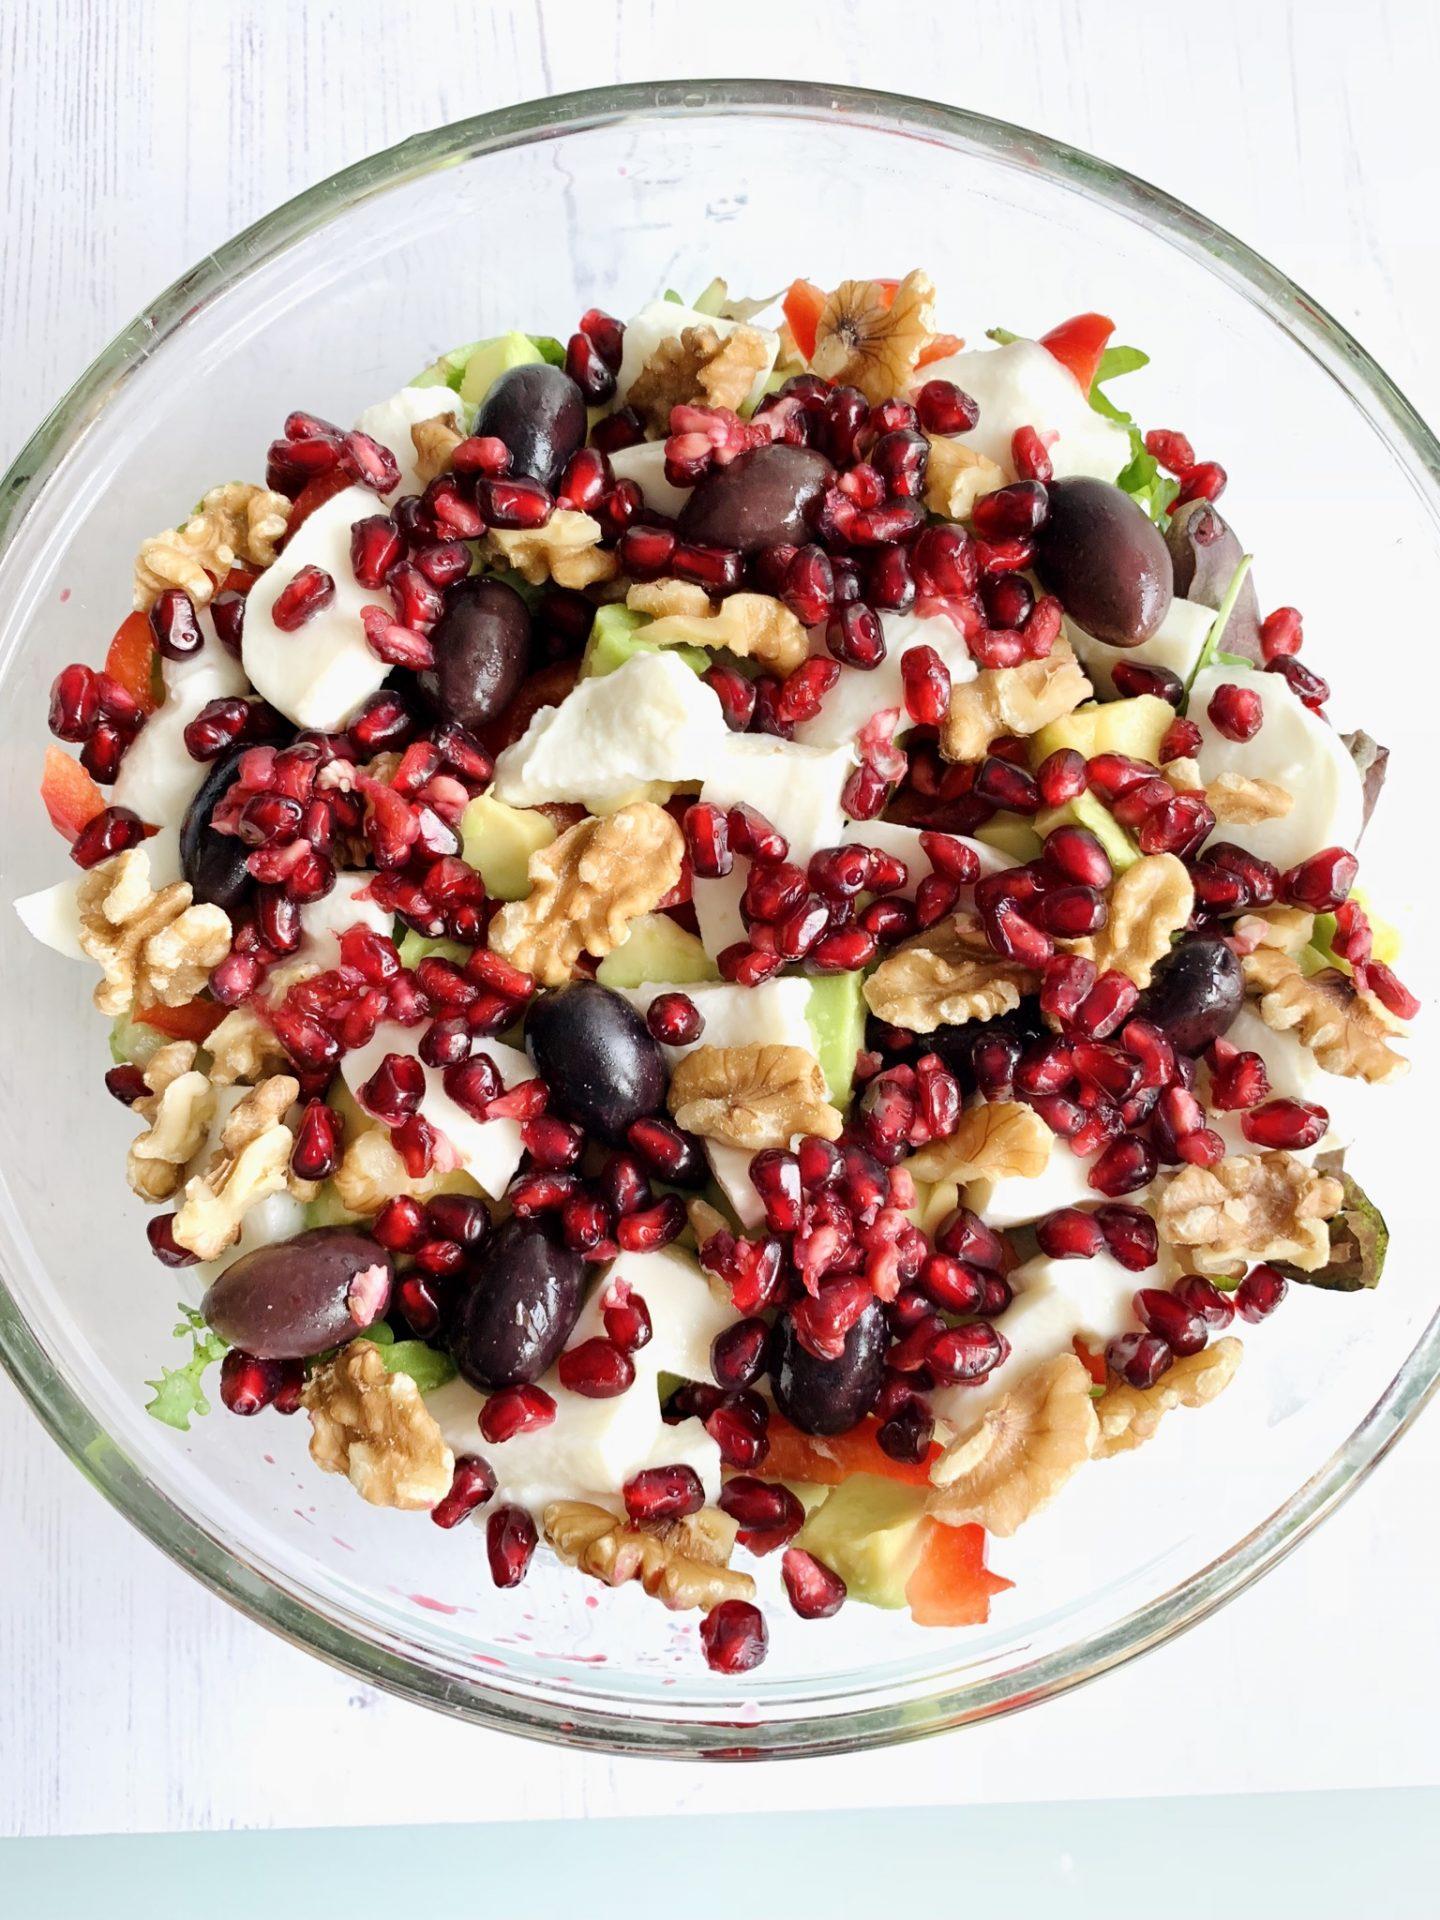 Mediterranean Pomegranate & Walnut Salad